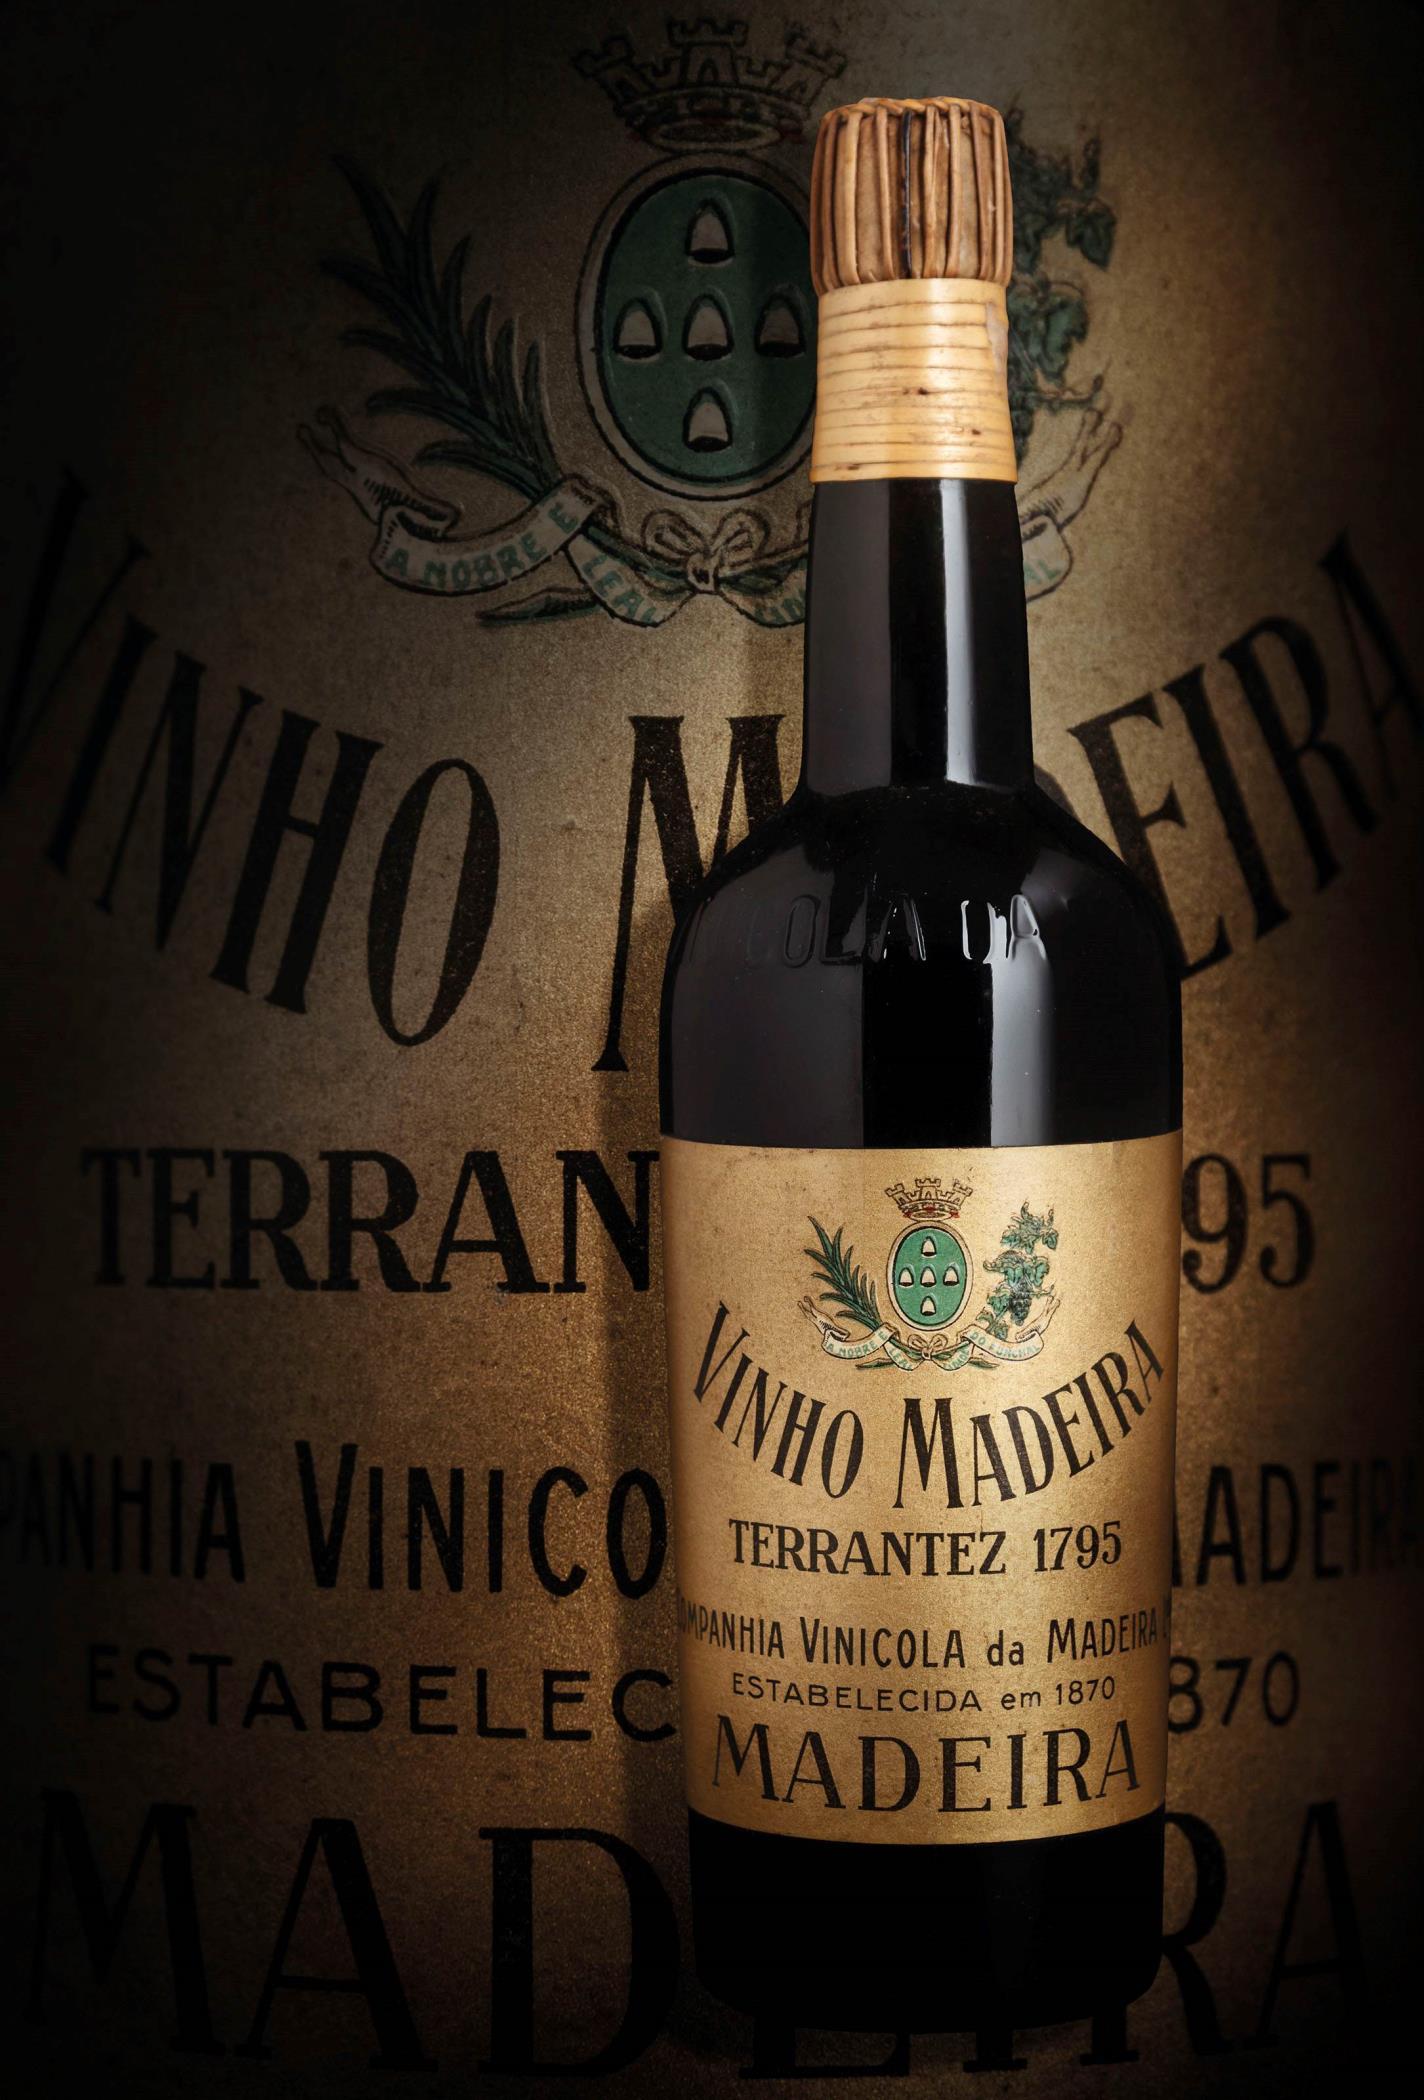 Madeira 1795 Companhia Vinicola da Madeira